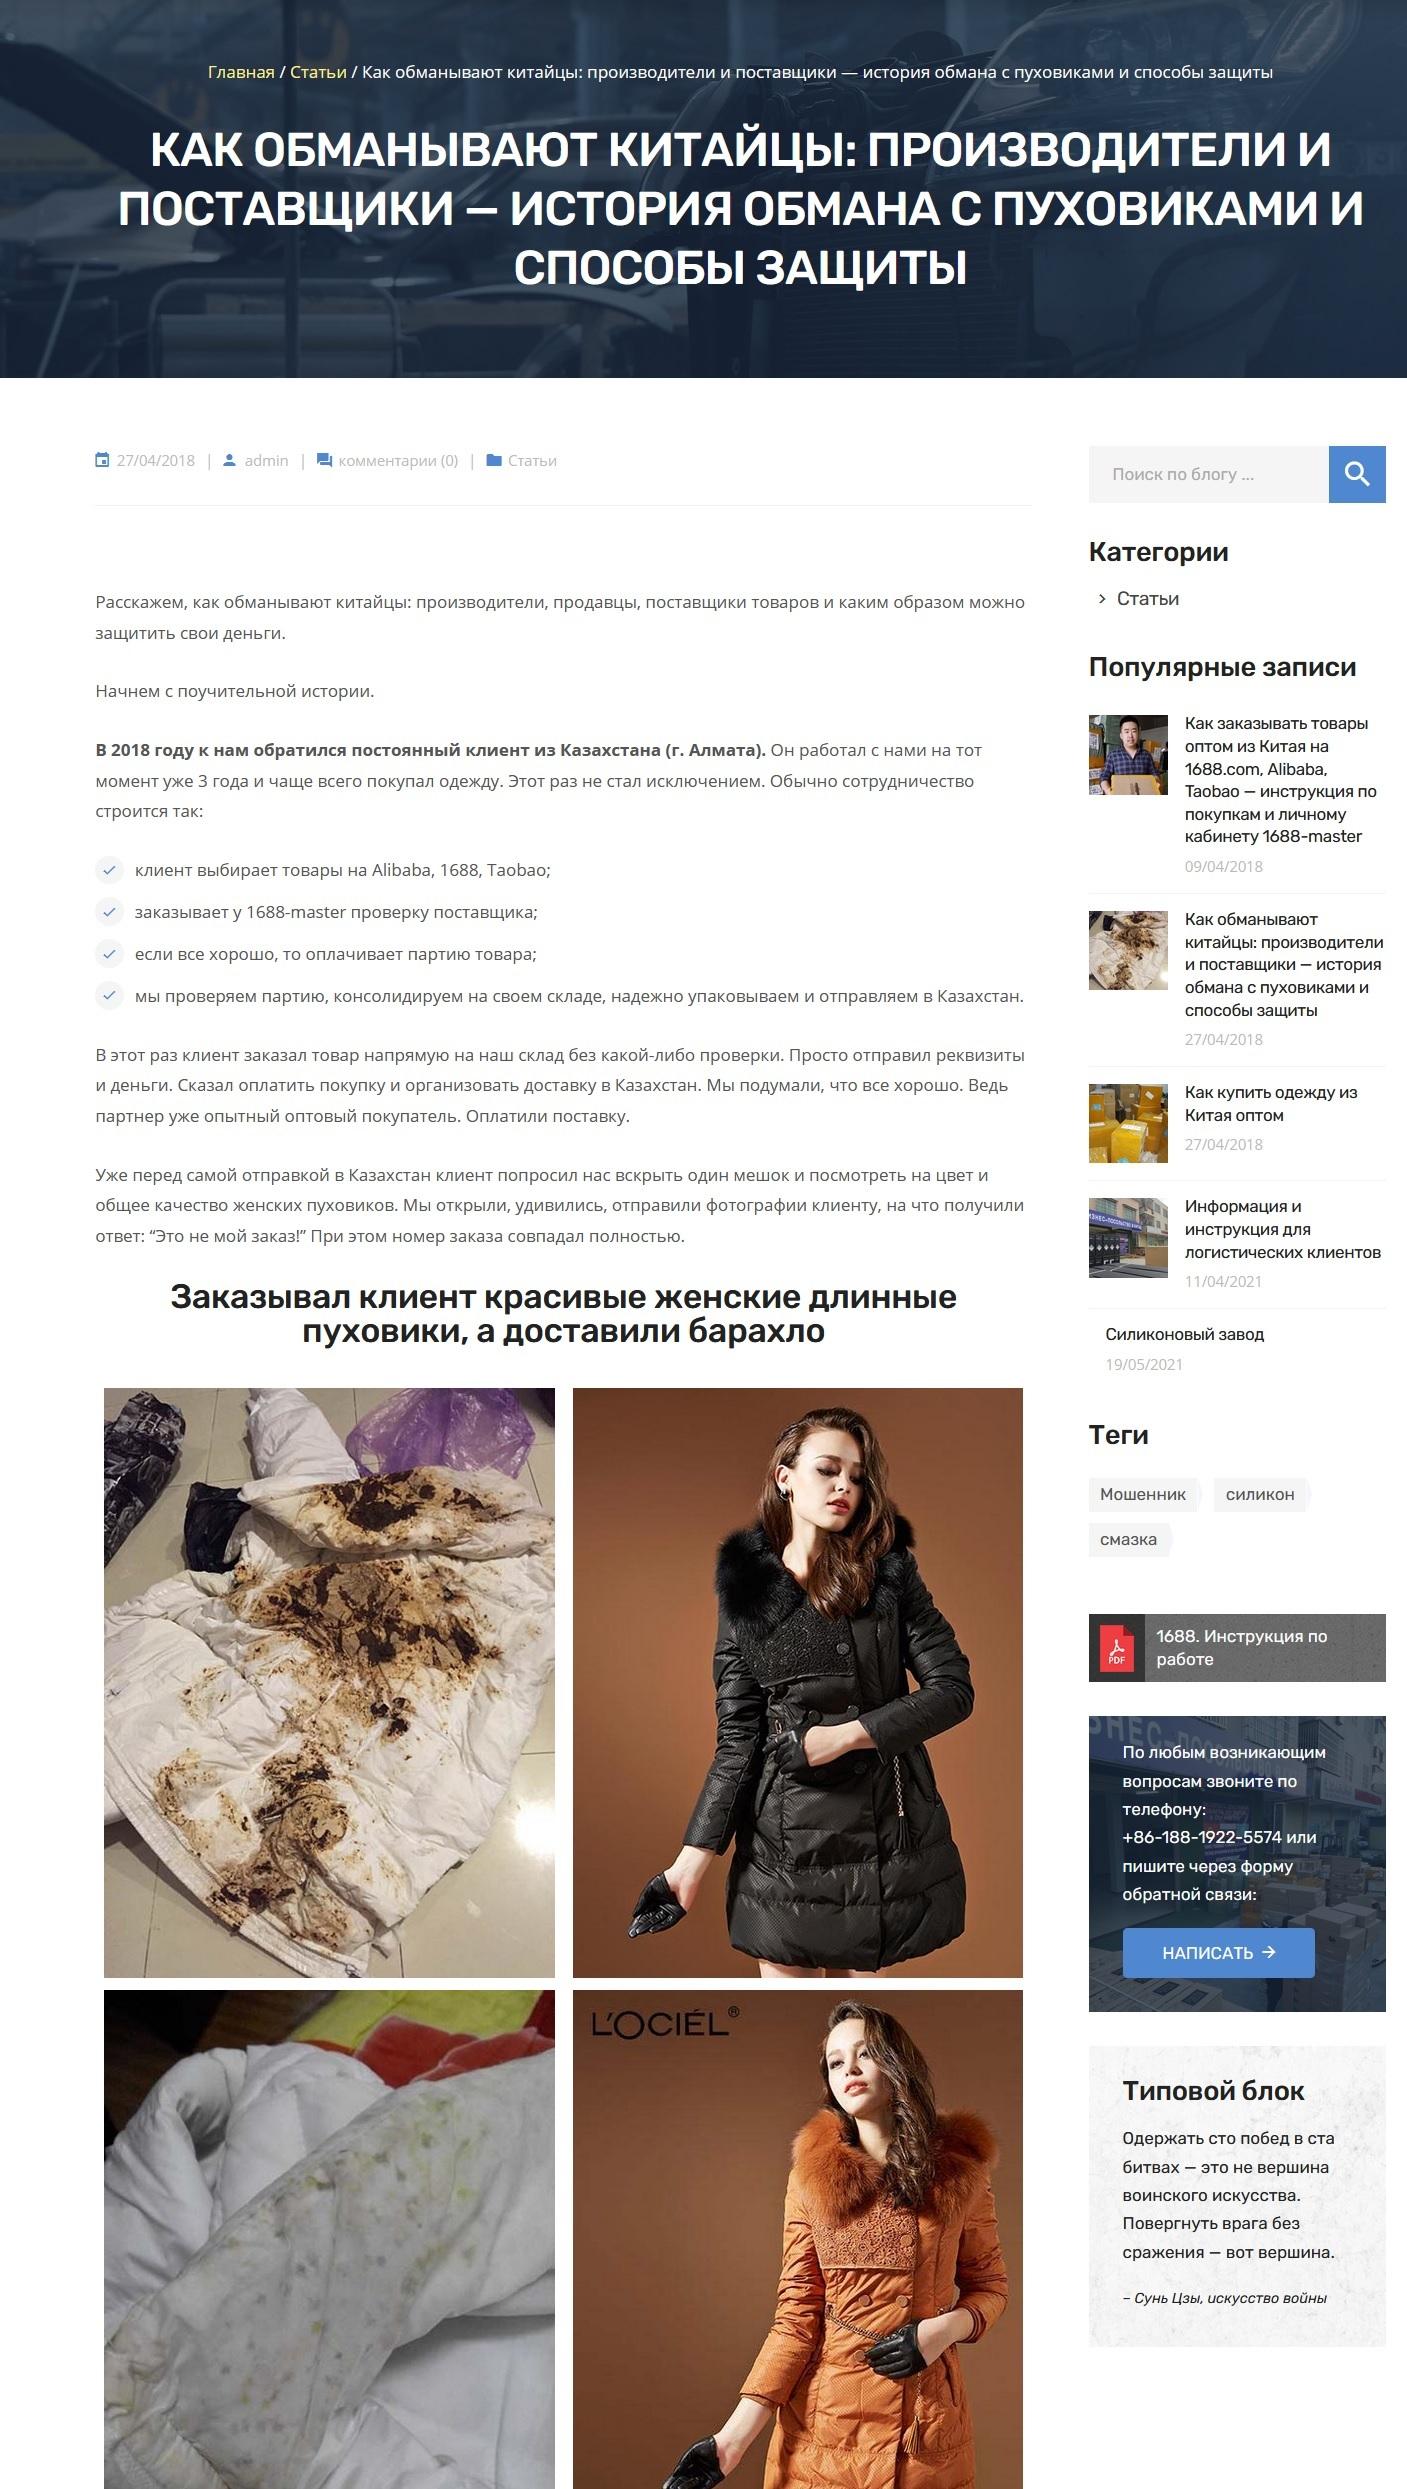 Пример статьи для блога поставщика